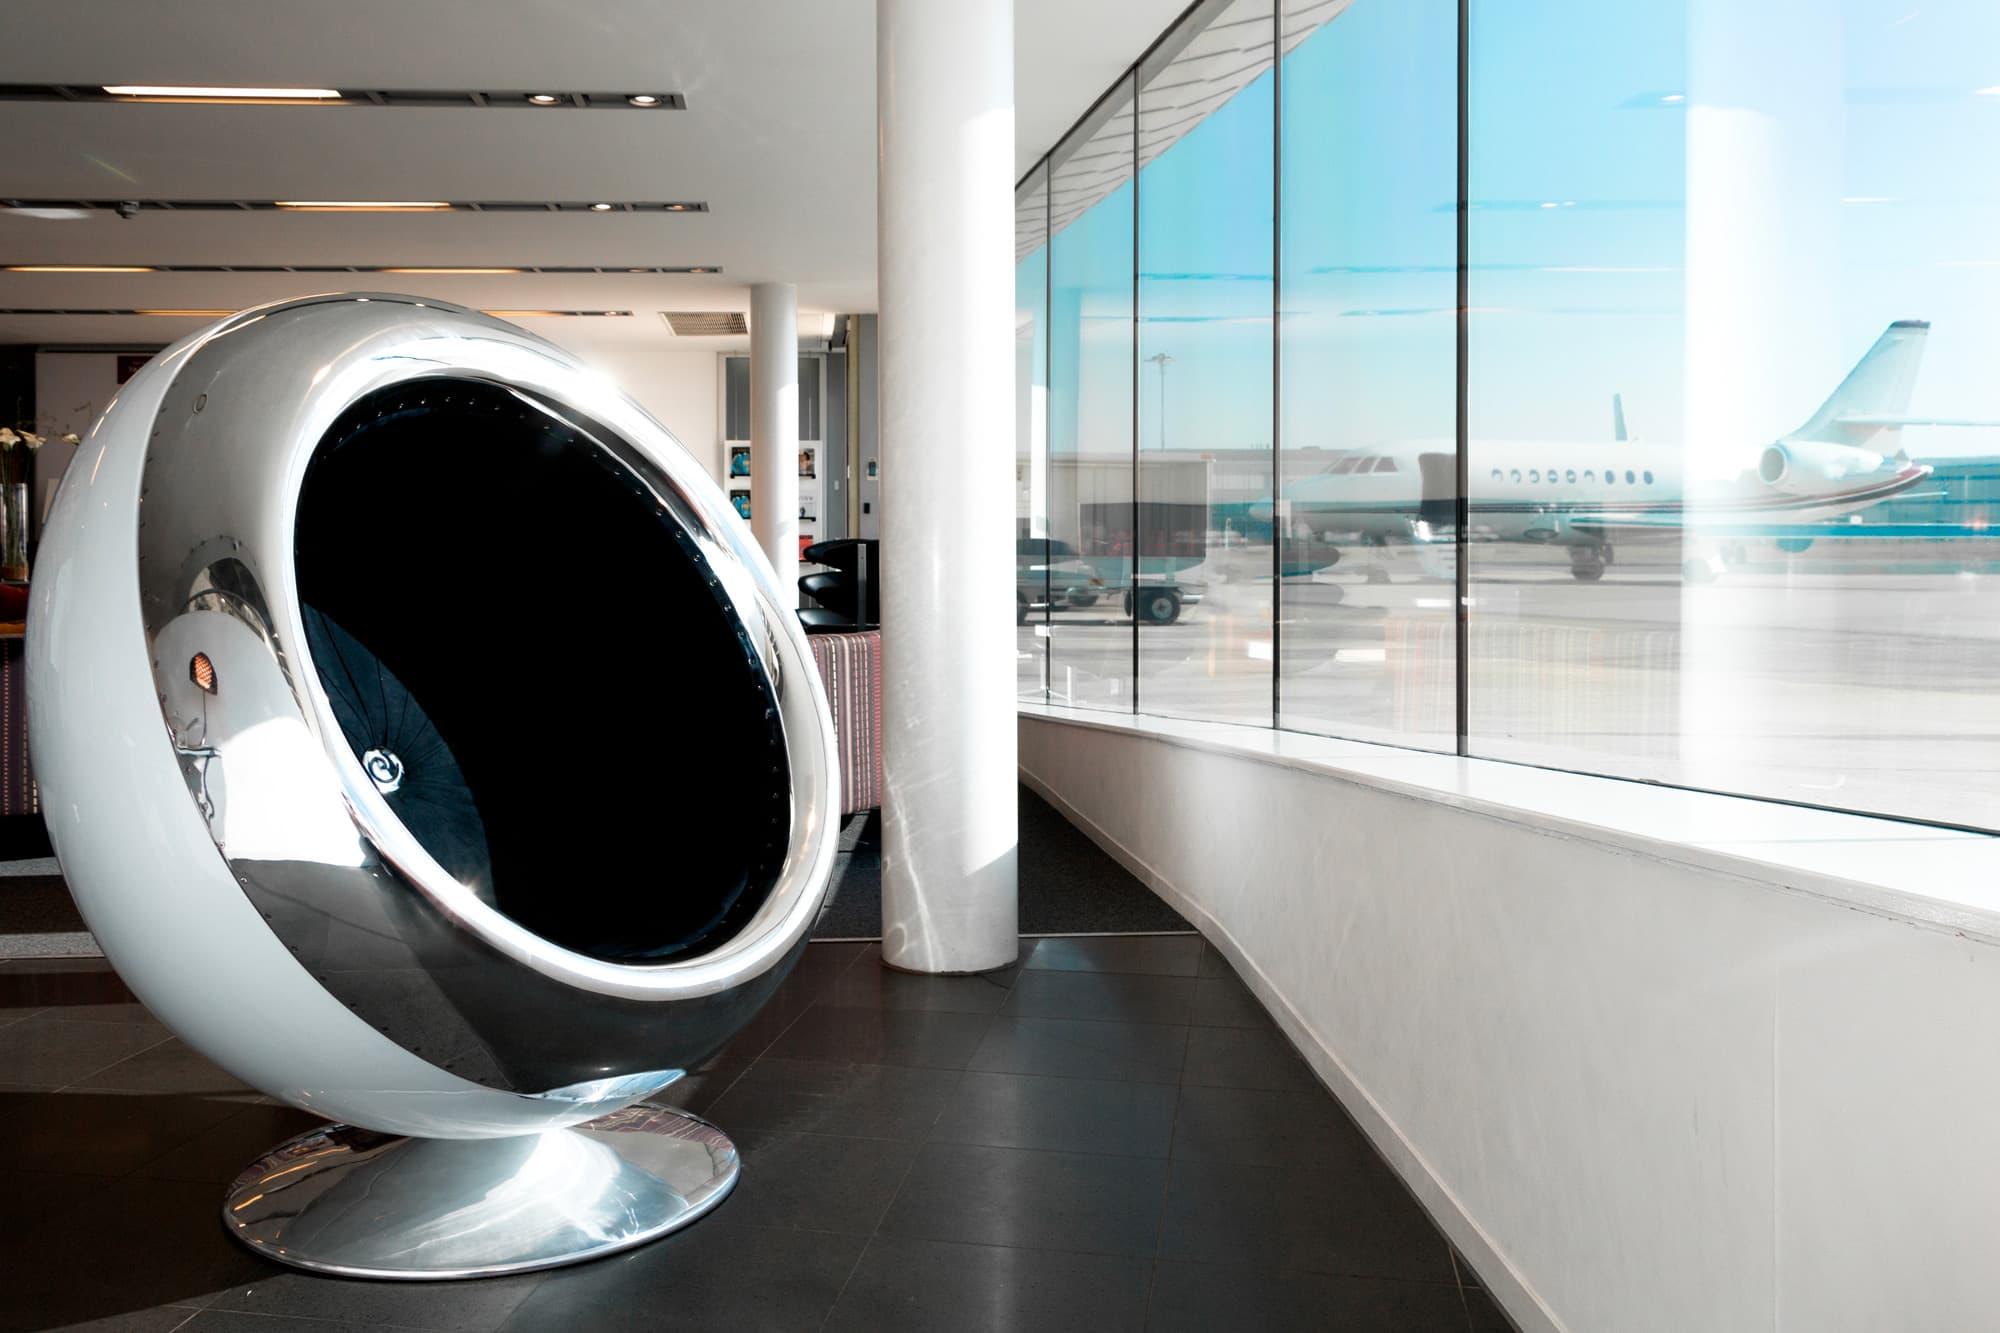 Plane Industries - Möbel aus Flugzeugteilen